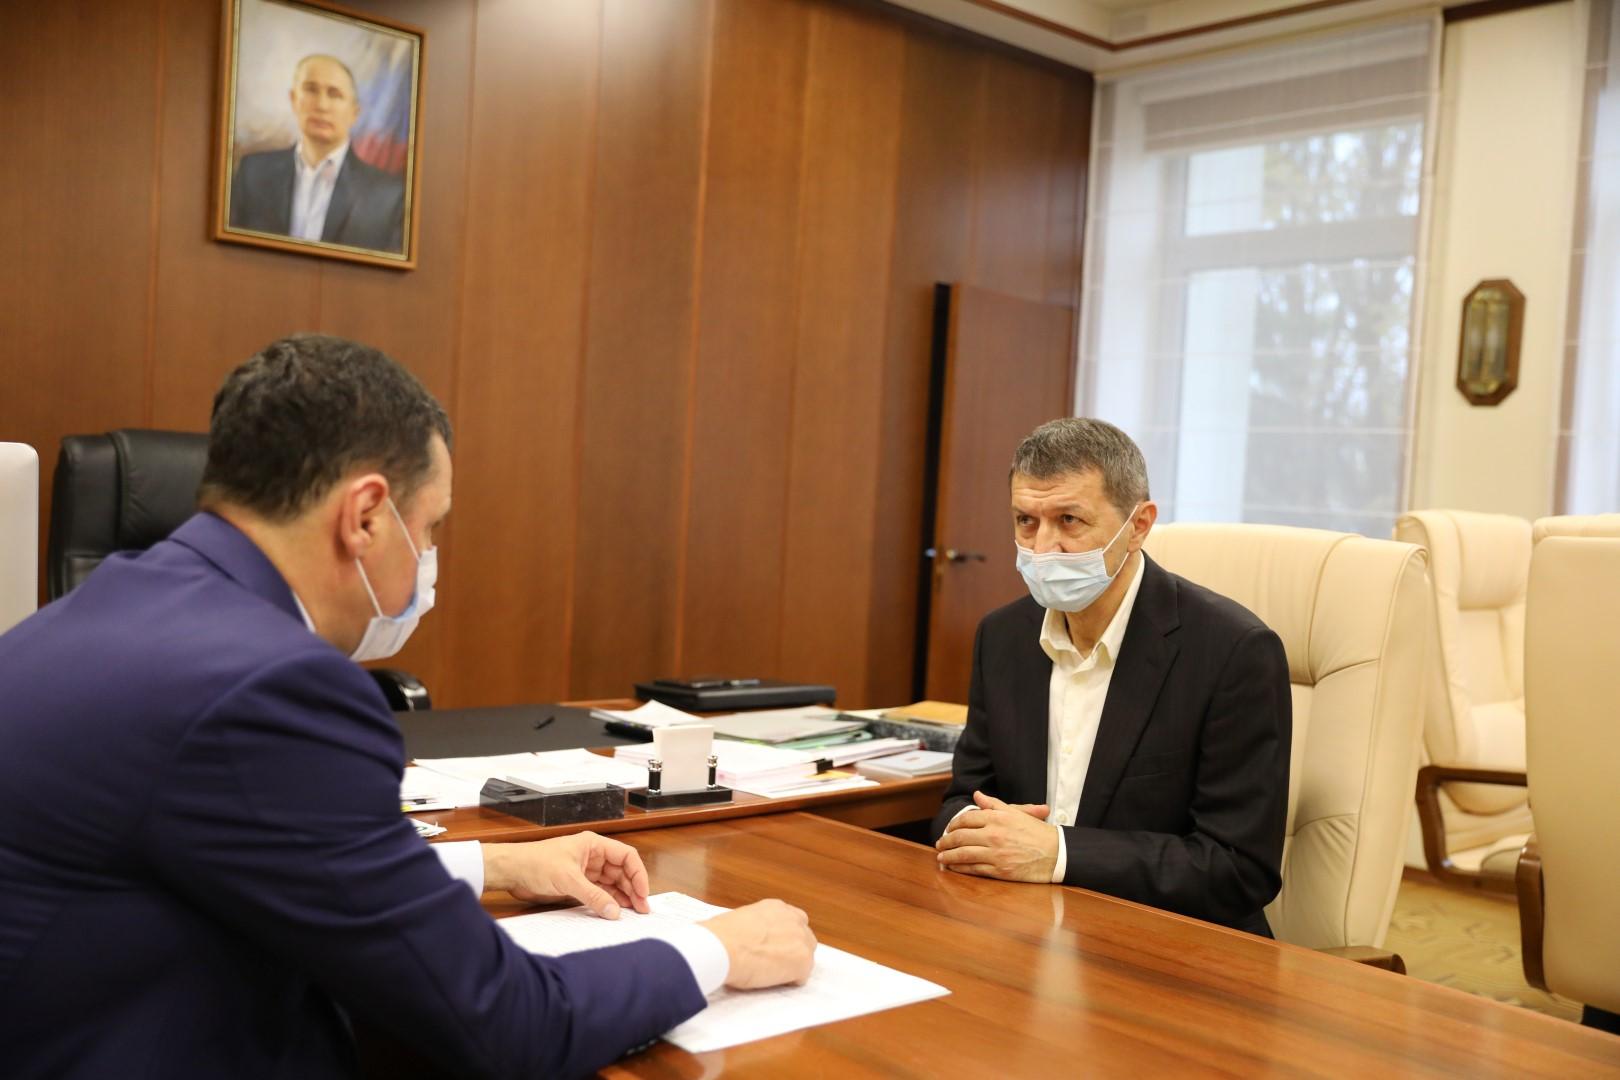 Дмитрий Миронов встретился с будущим главным тренером «Шинника» Юрием Газзаевым